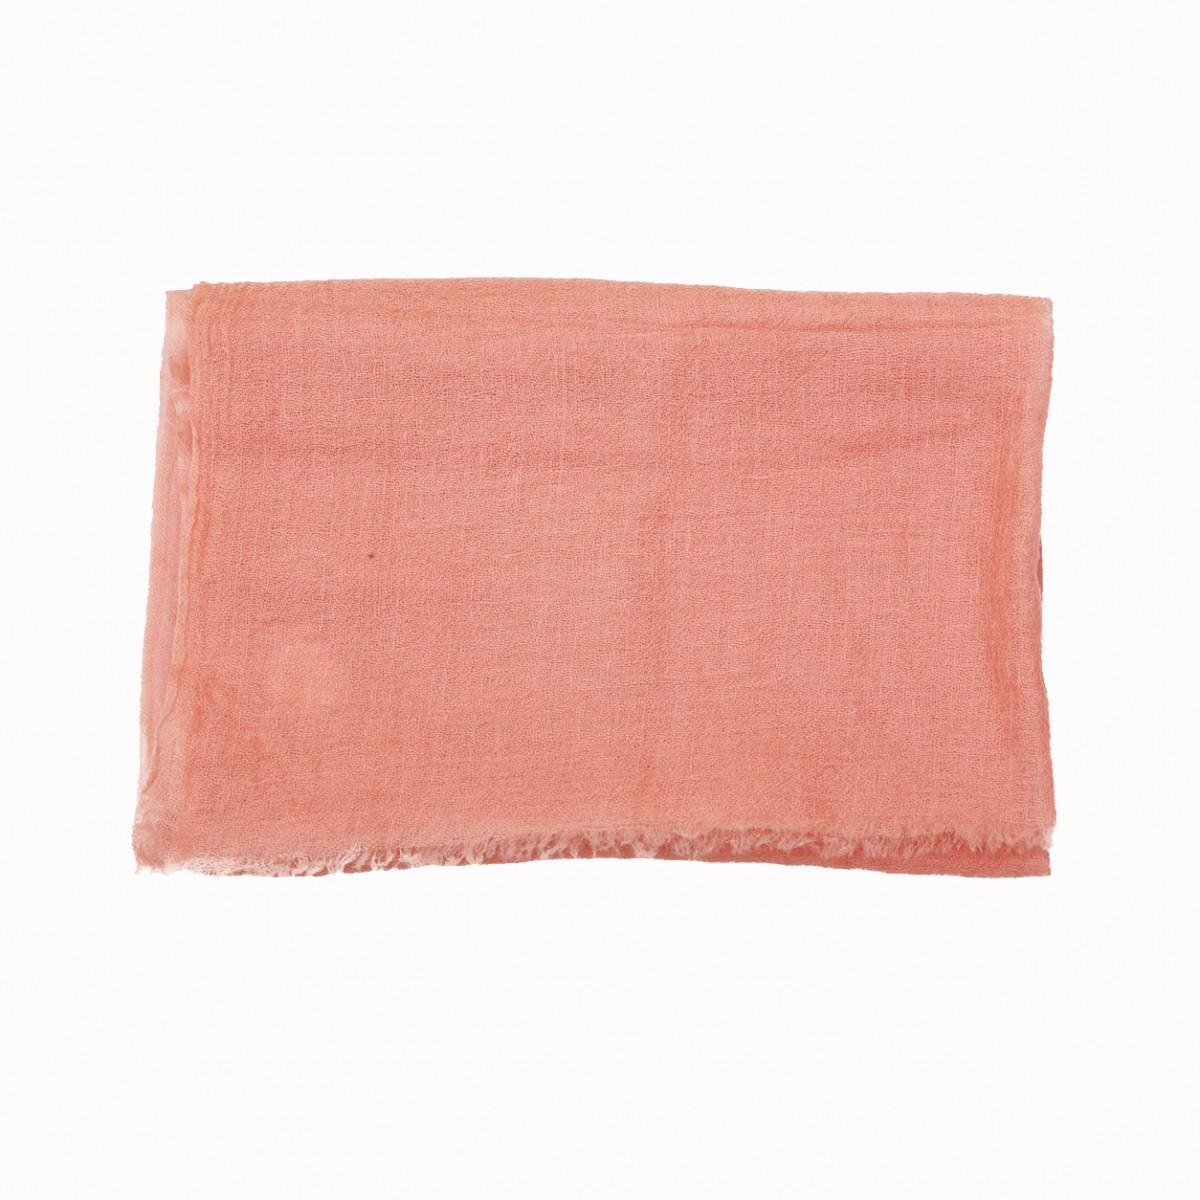 Sheer Pashmina Scarf - Apricot Blush